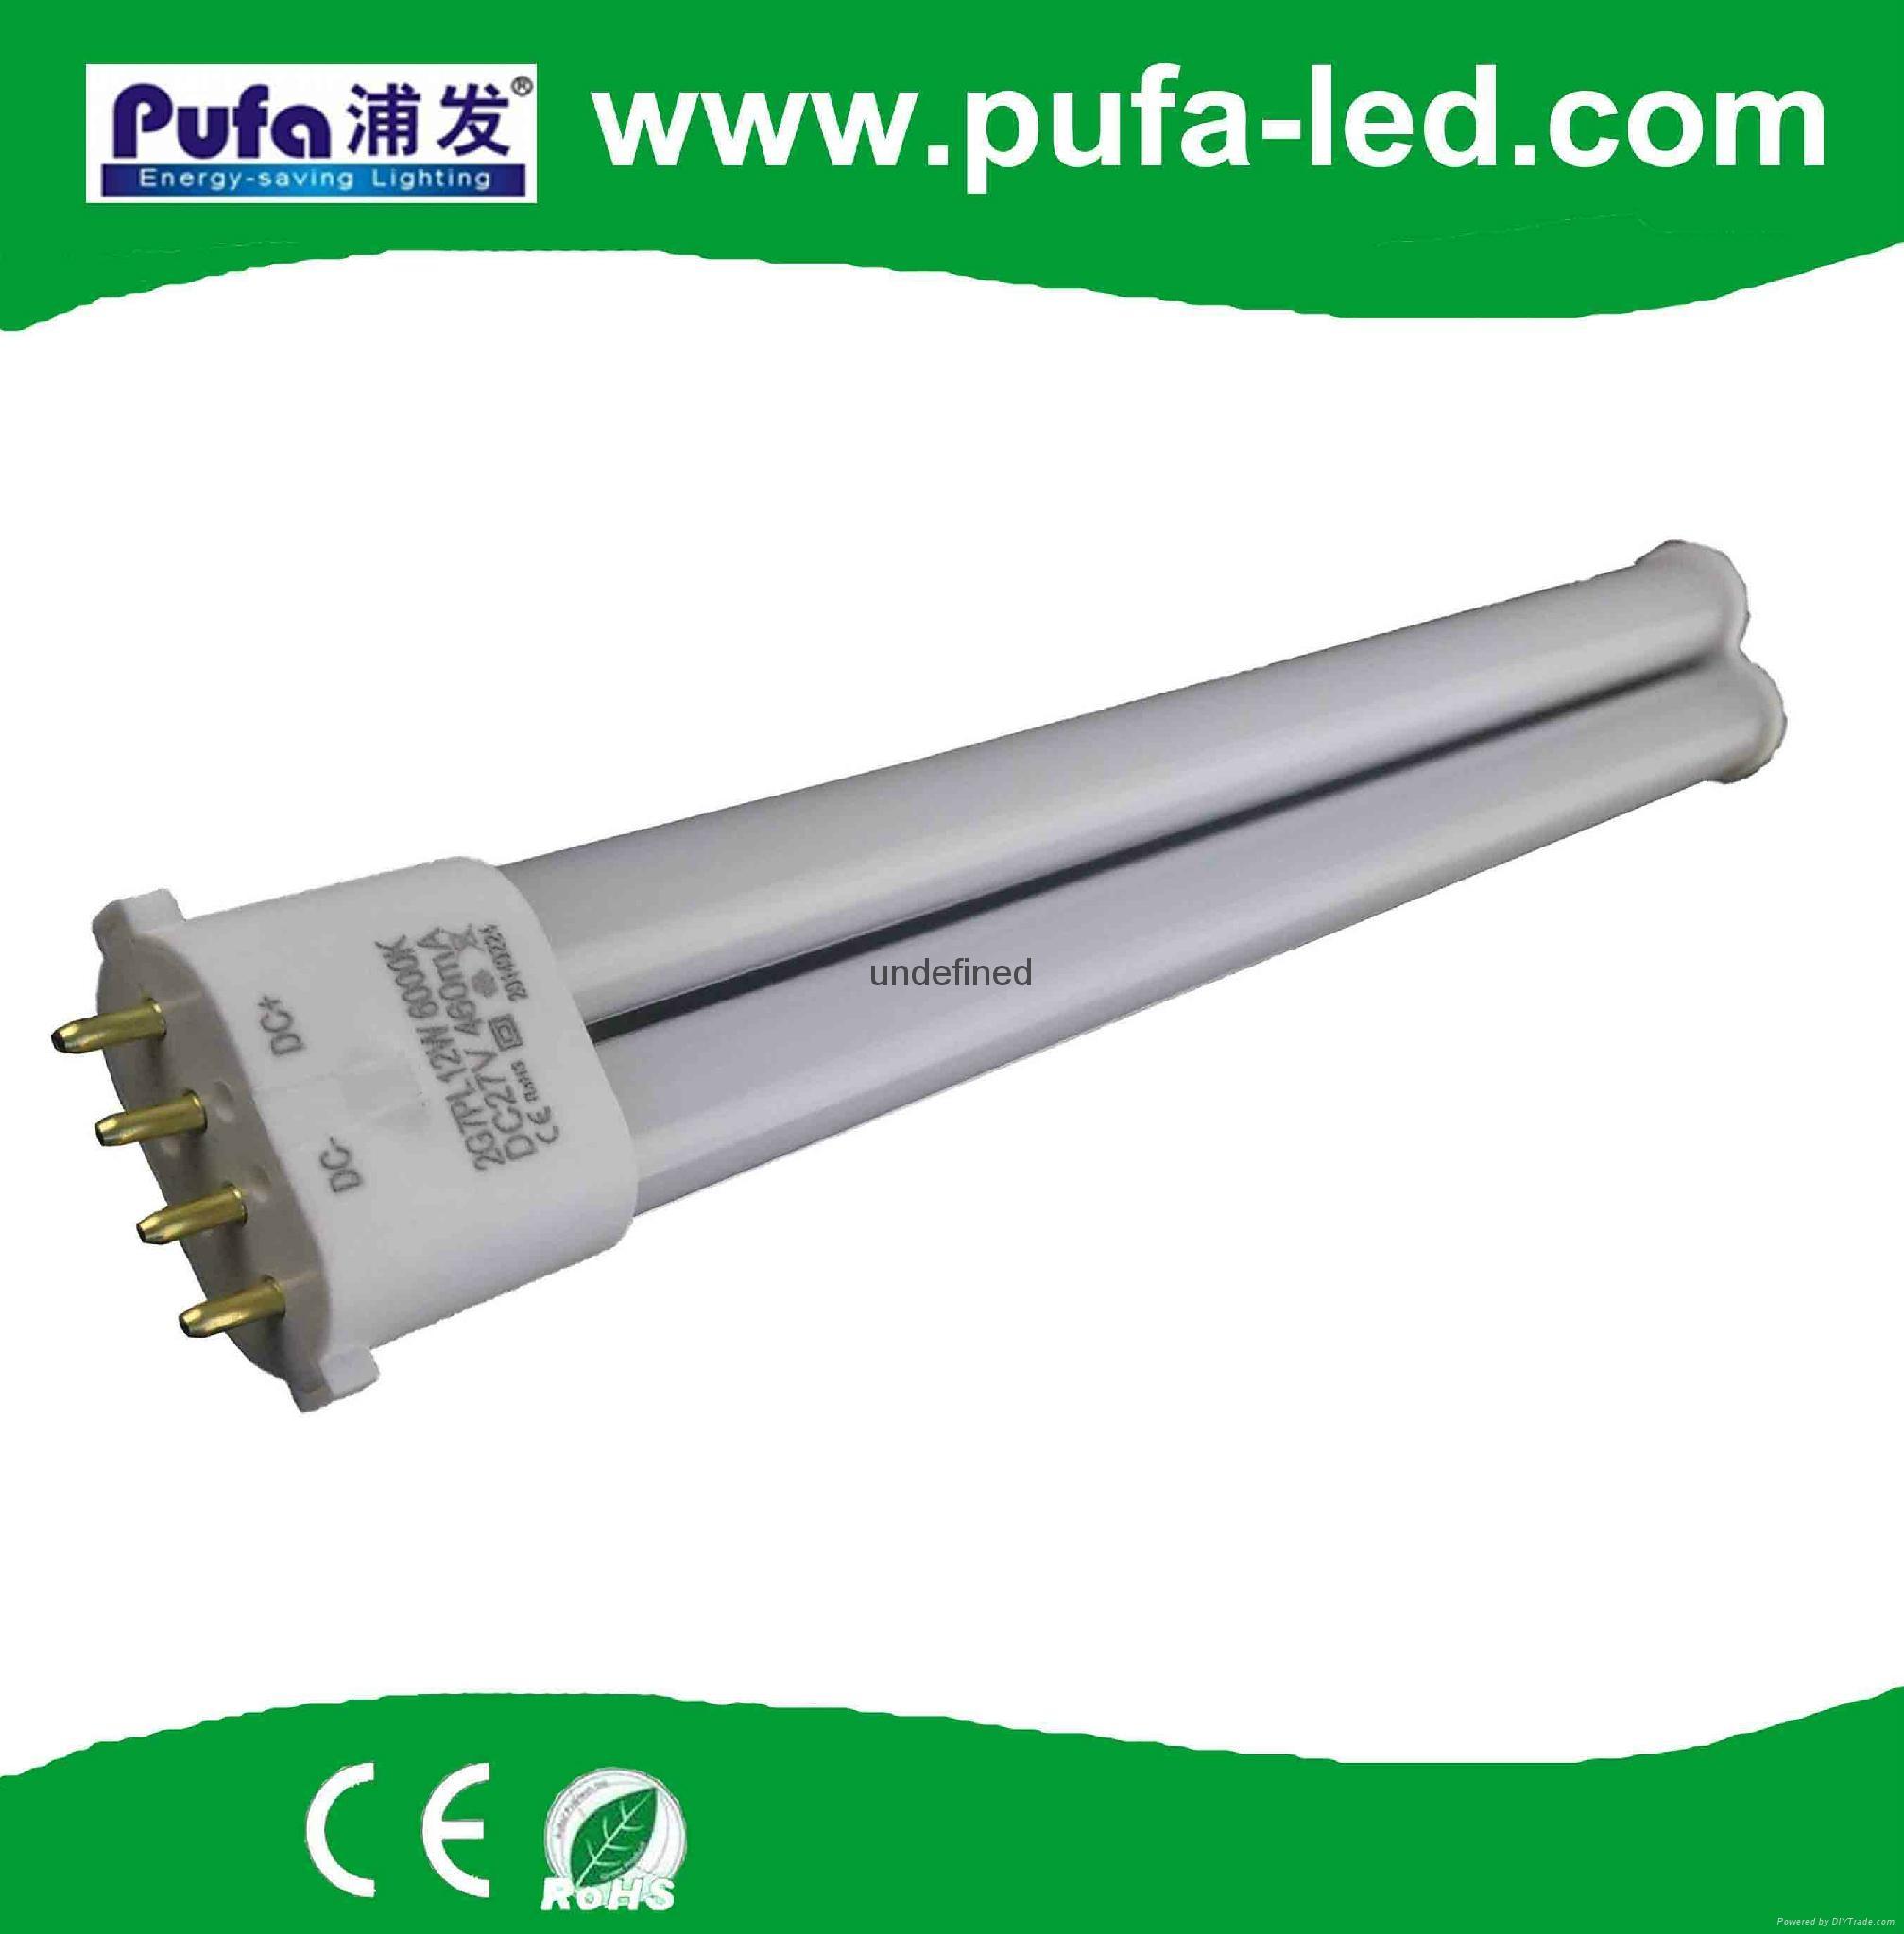 2G7 LED 内置电源横插灯 5W 1